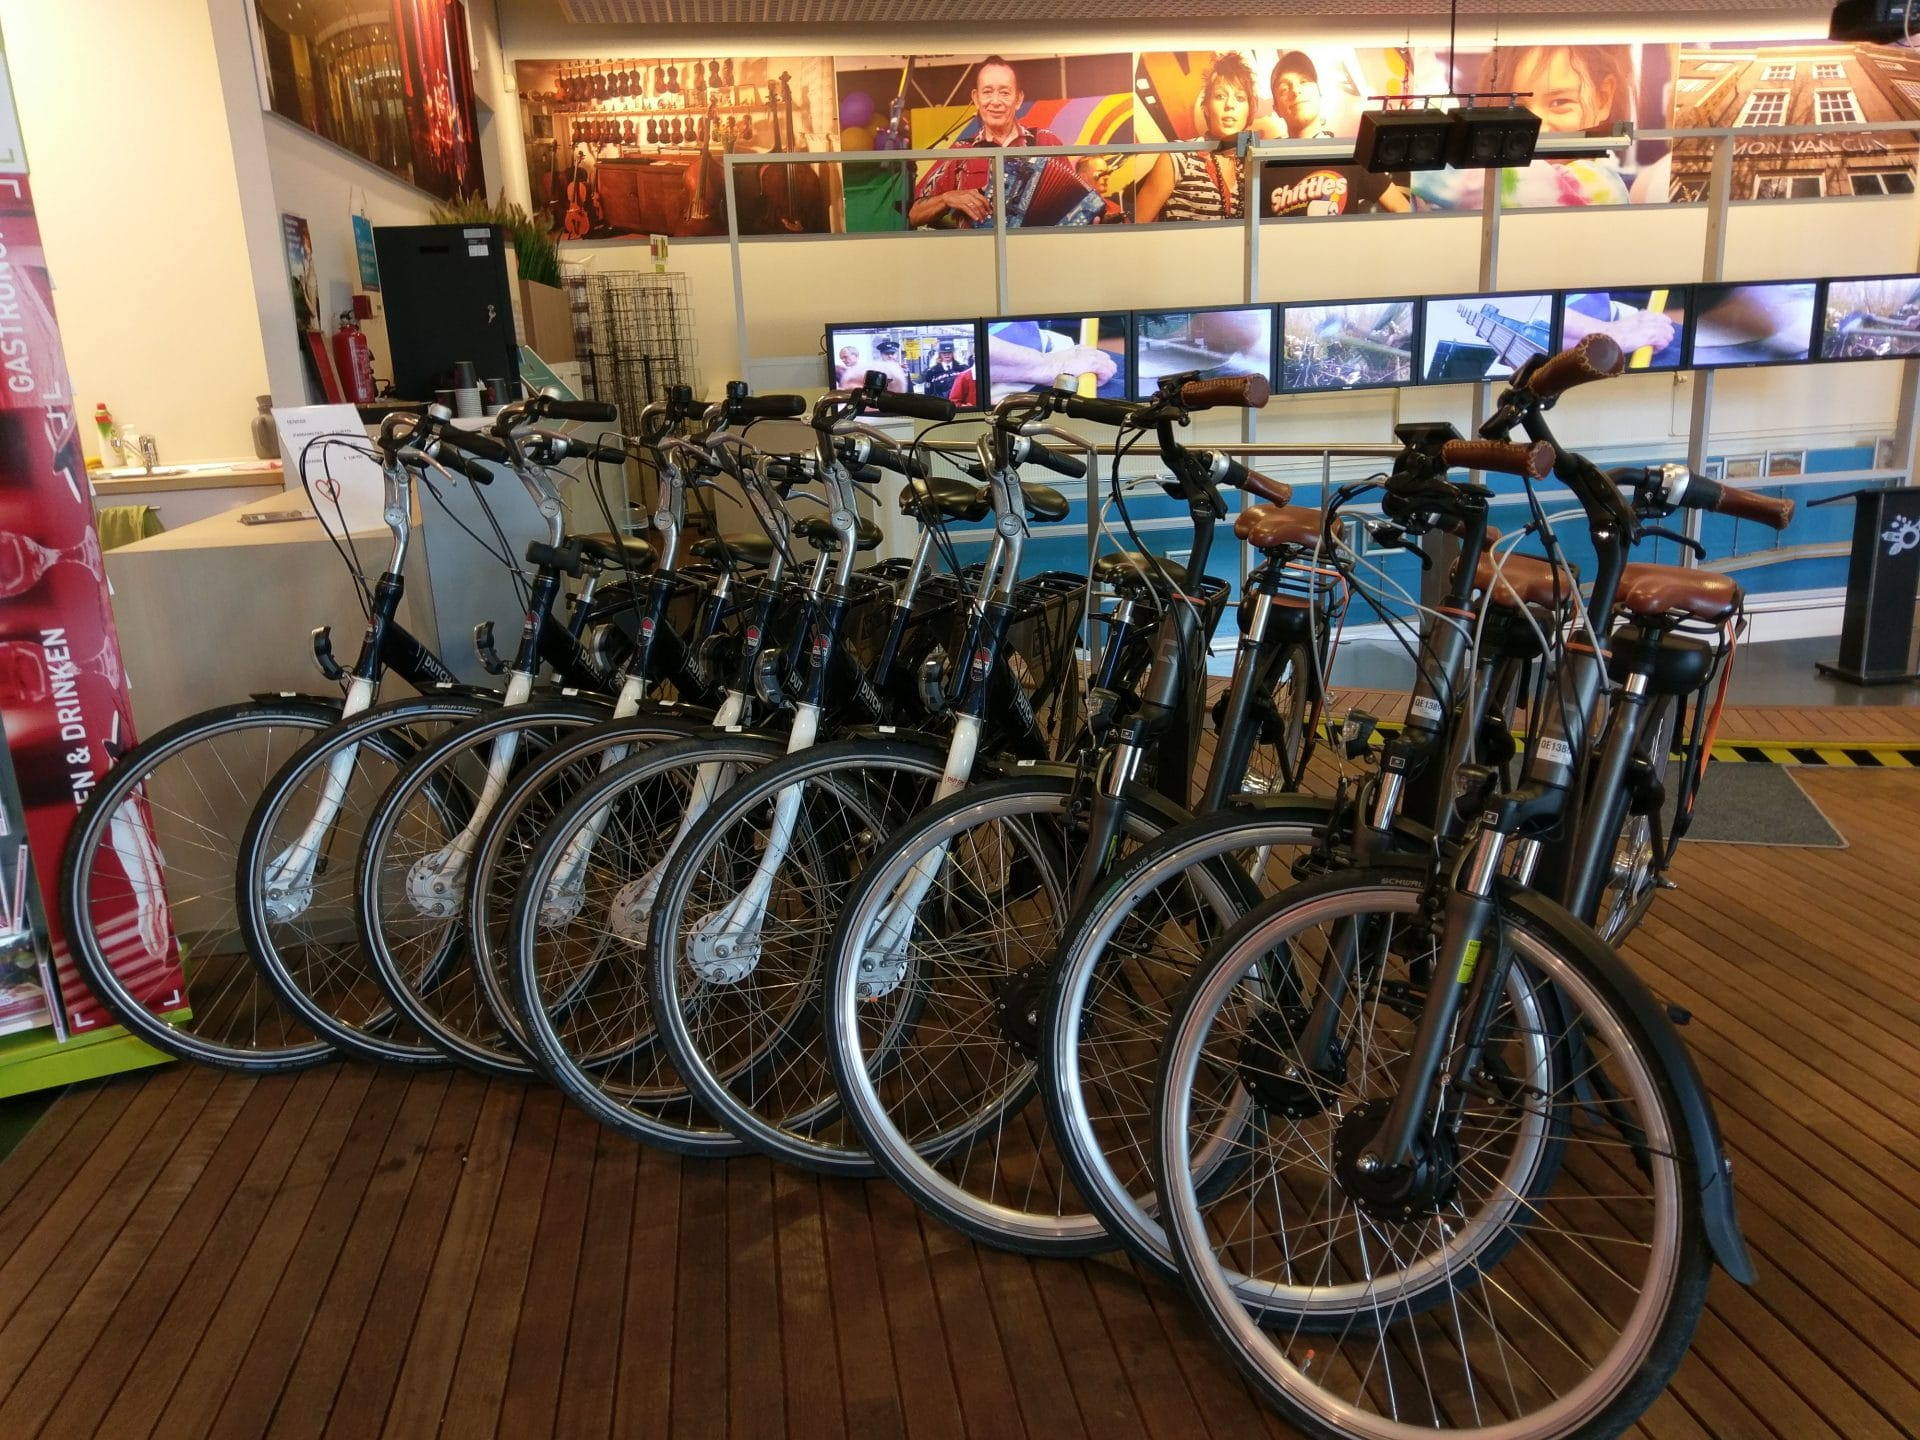 fiets huren - electrische fiets huur - e-bike verhuur